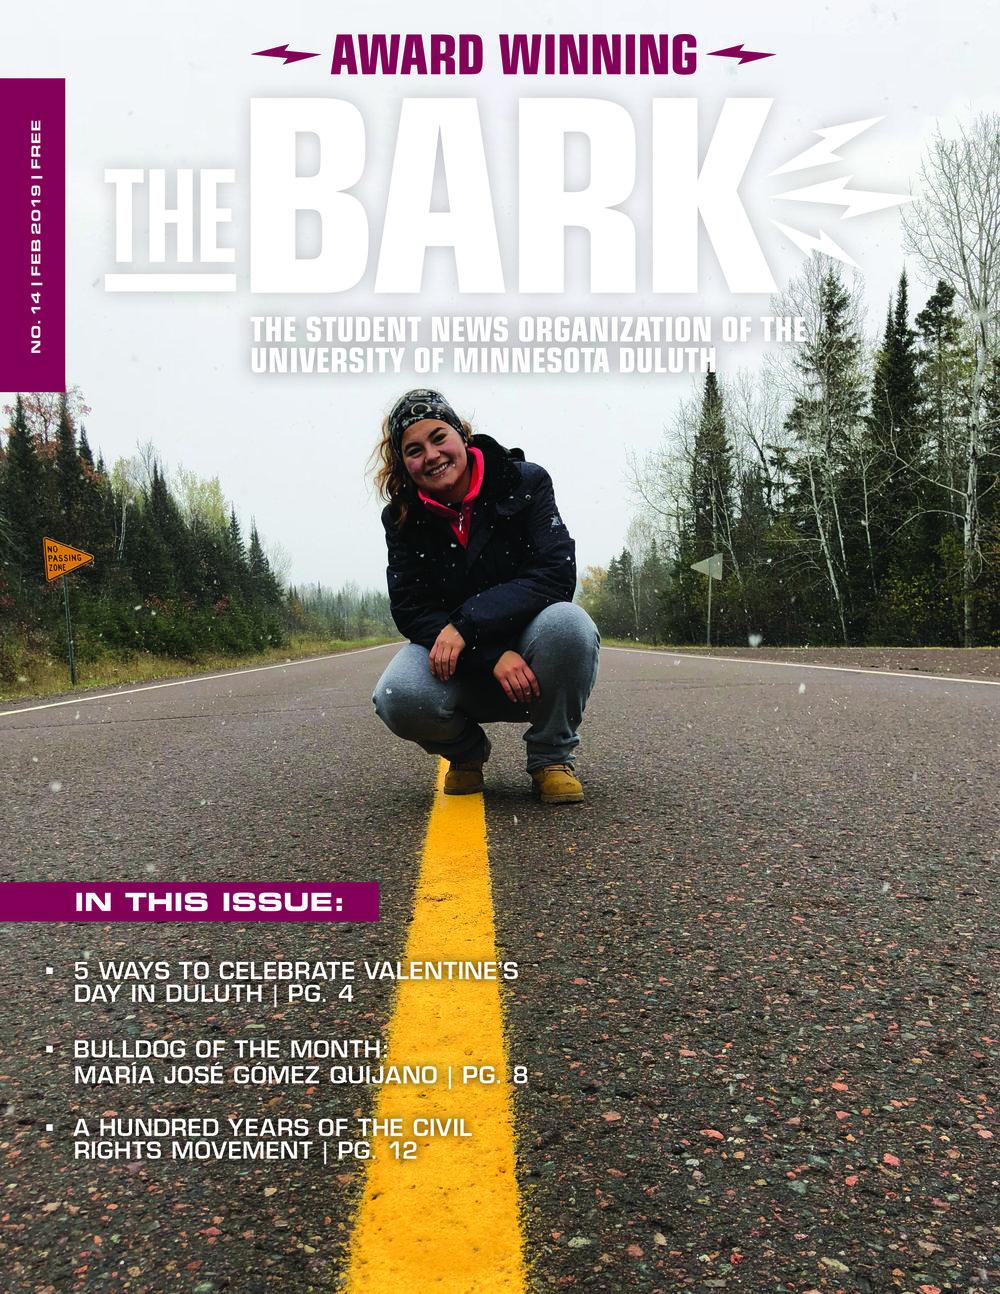 TheBark_February2019_v1_coveronly.jpg